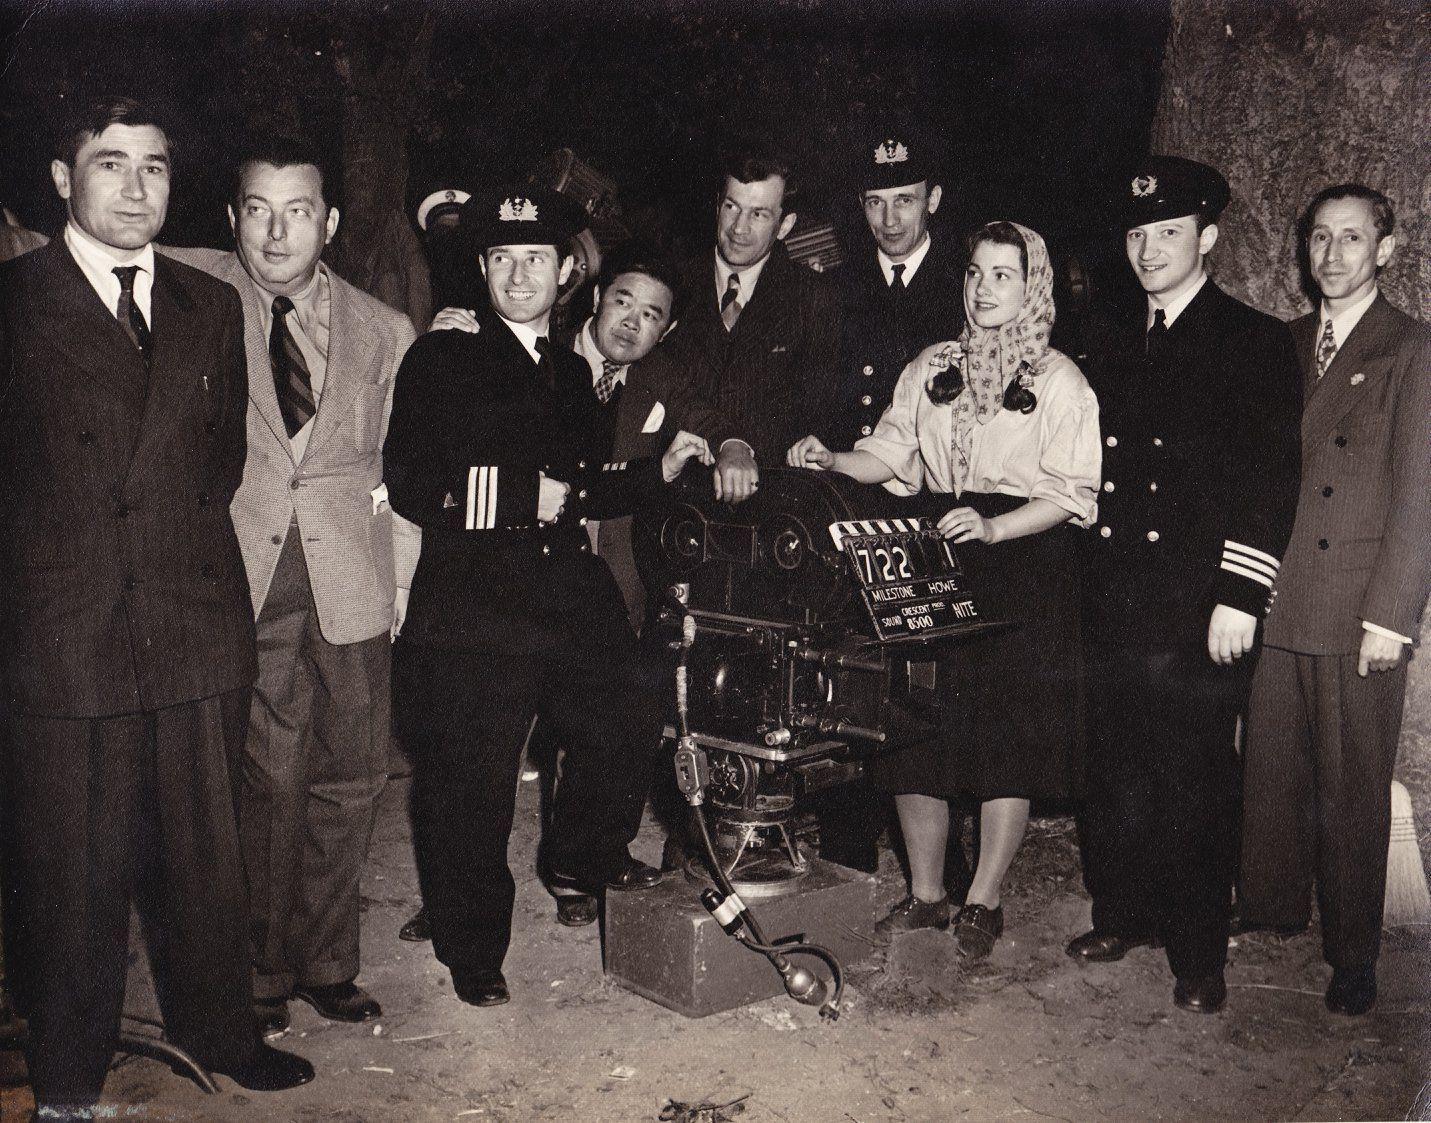 """Экспонат #66. На съёмках кинофильма """"Северная звезда"""". Киностудия «Metro-Goldwyn-Mayer». 1943 год"""